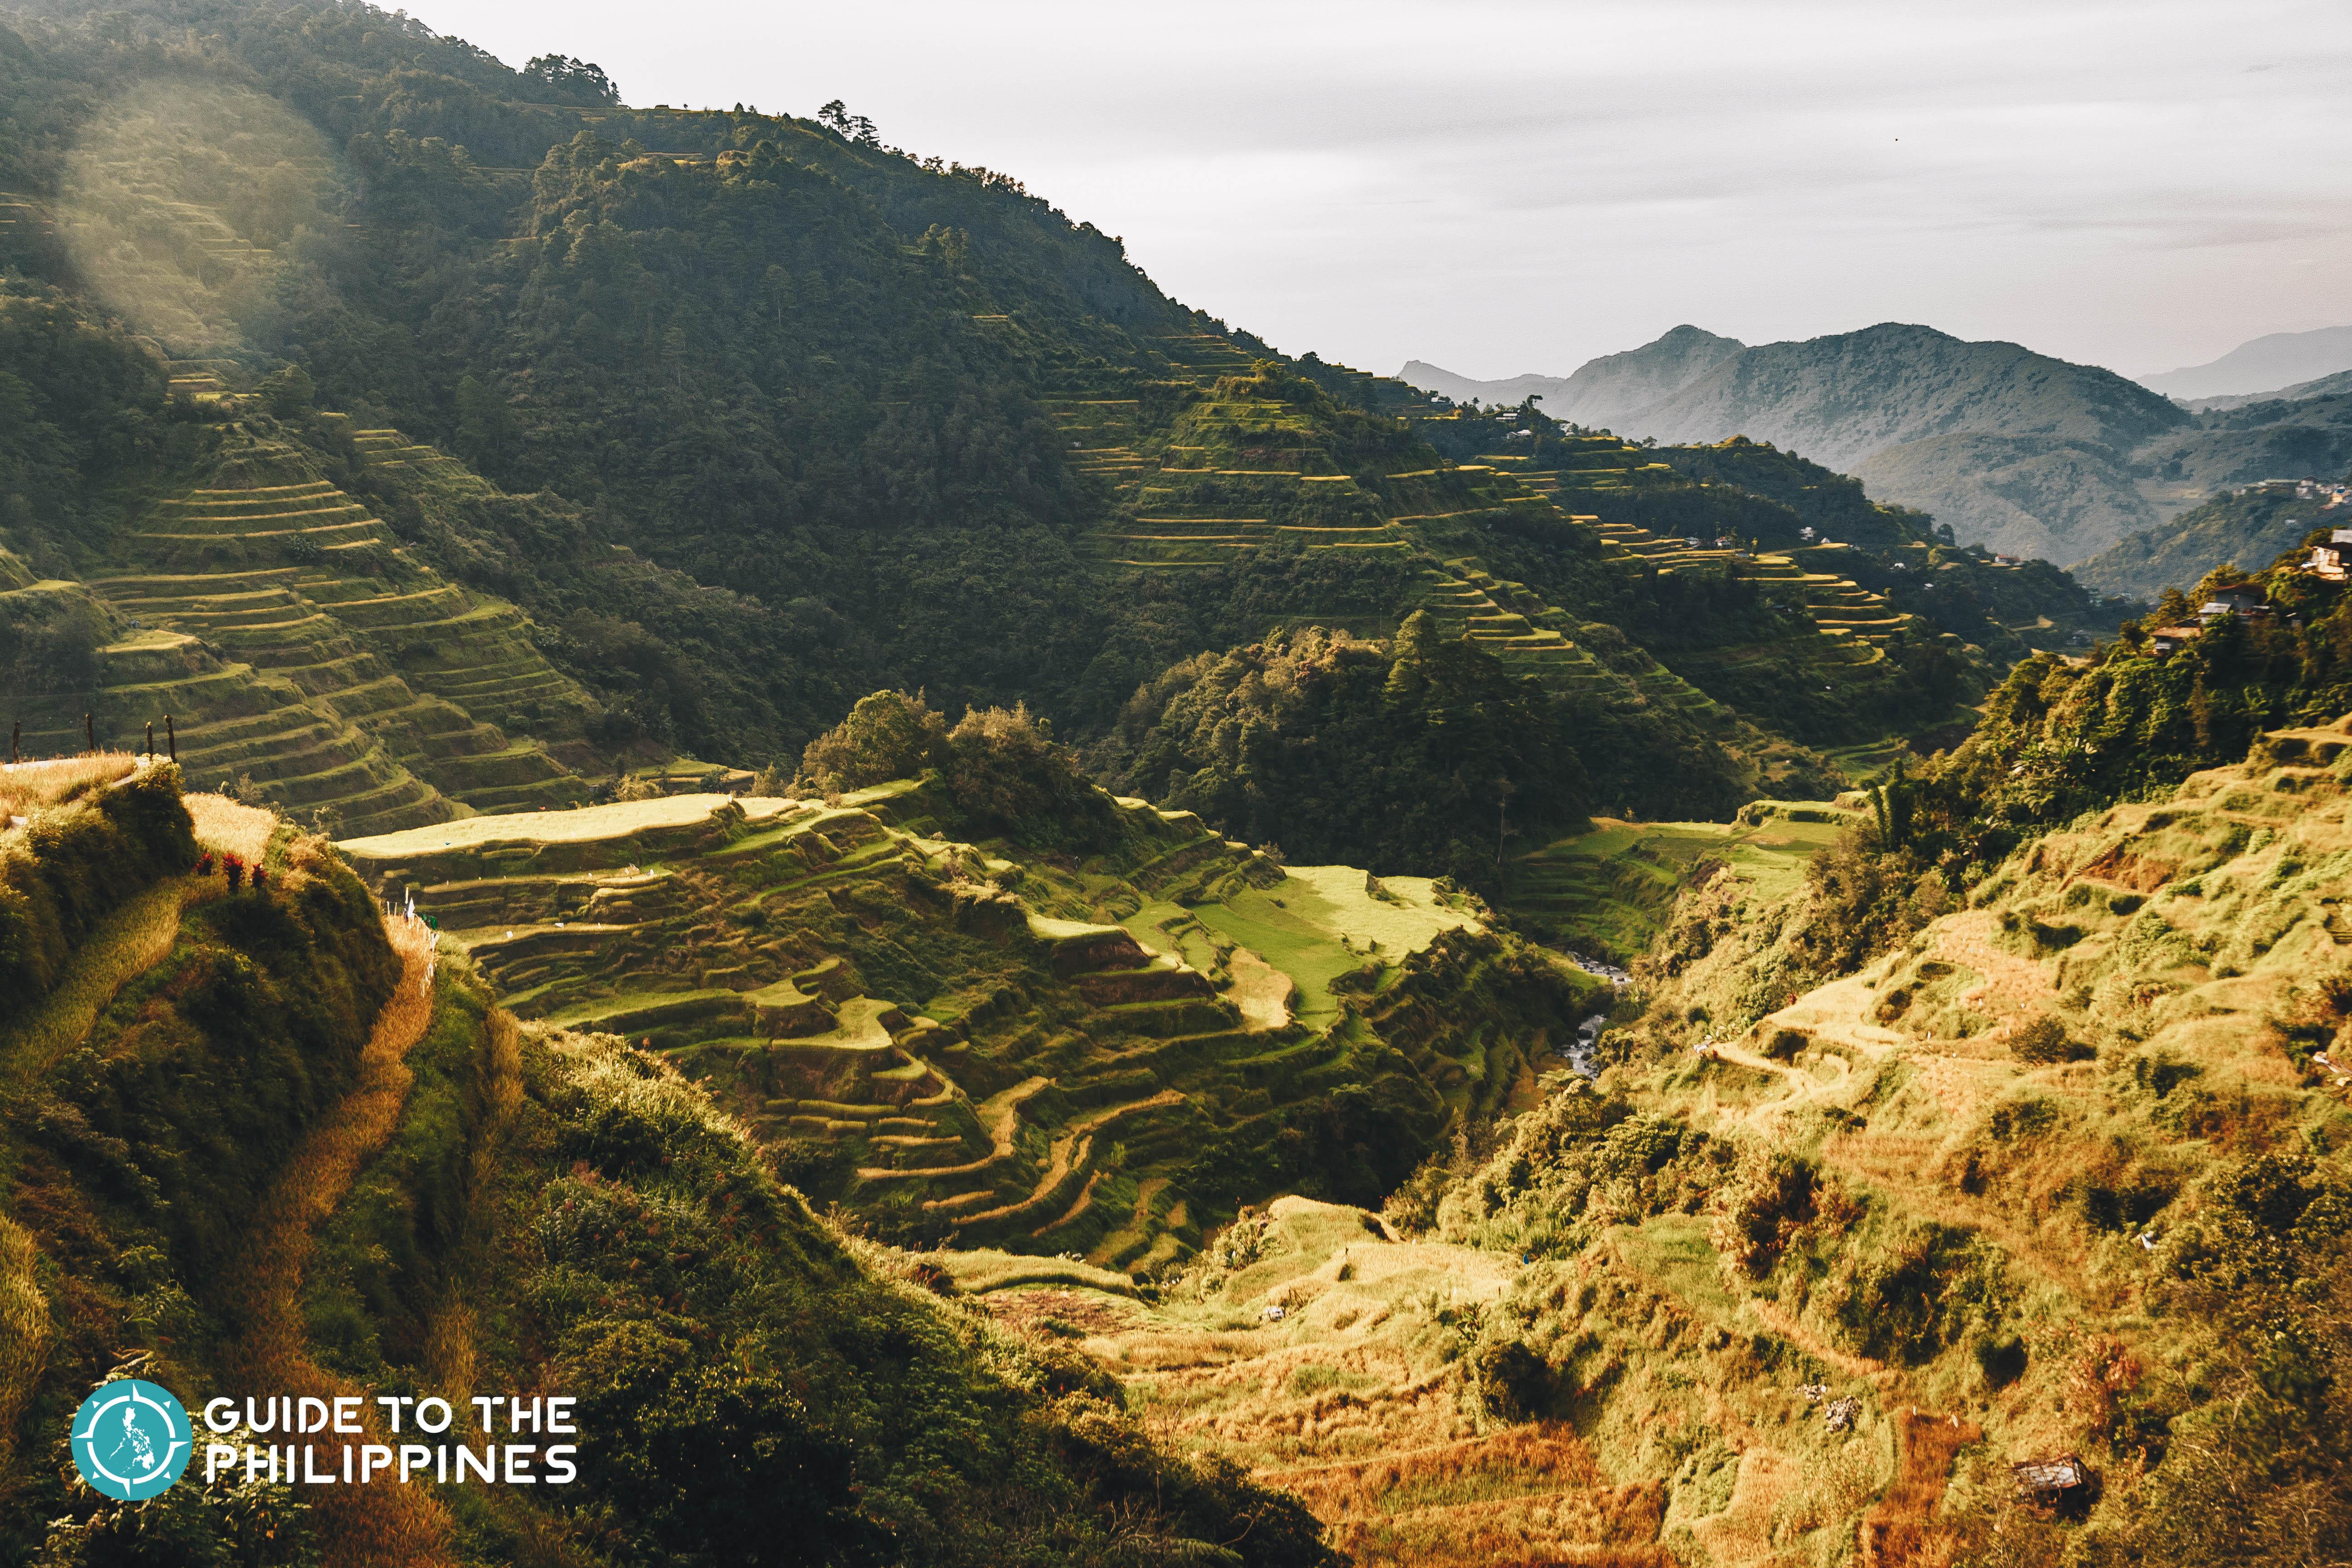 Sagada Travel Guide: A Peaceful Mountain Destination